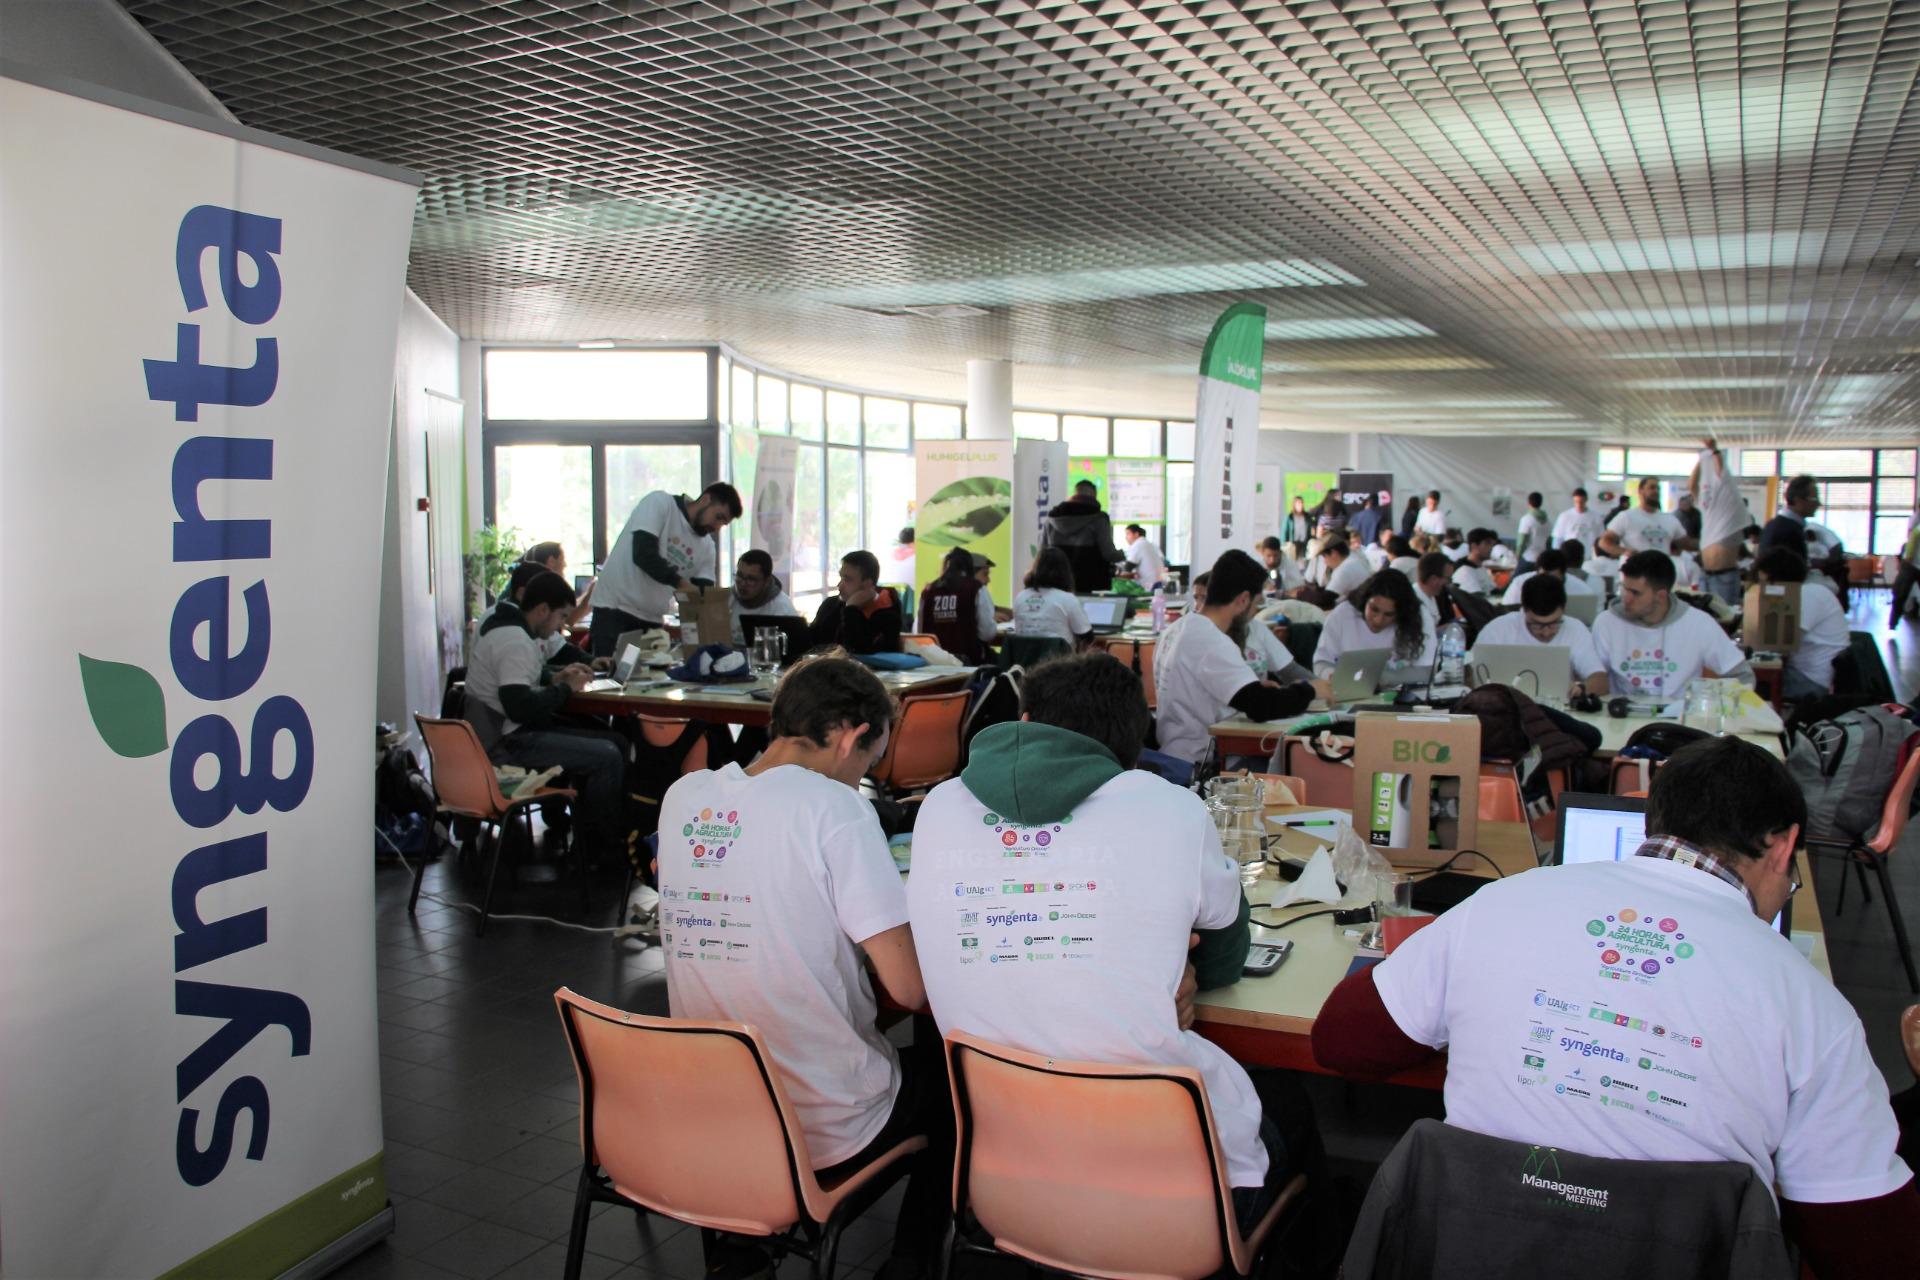 Competição formativa 24H Agricultura Syngenta adiada para Abril de 2021